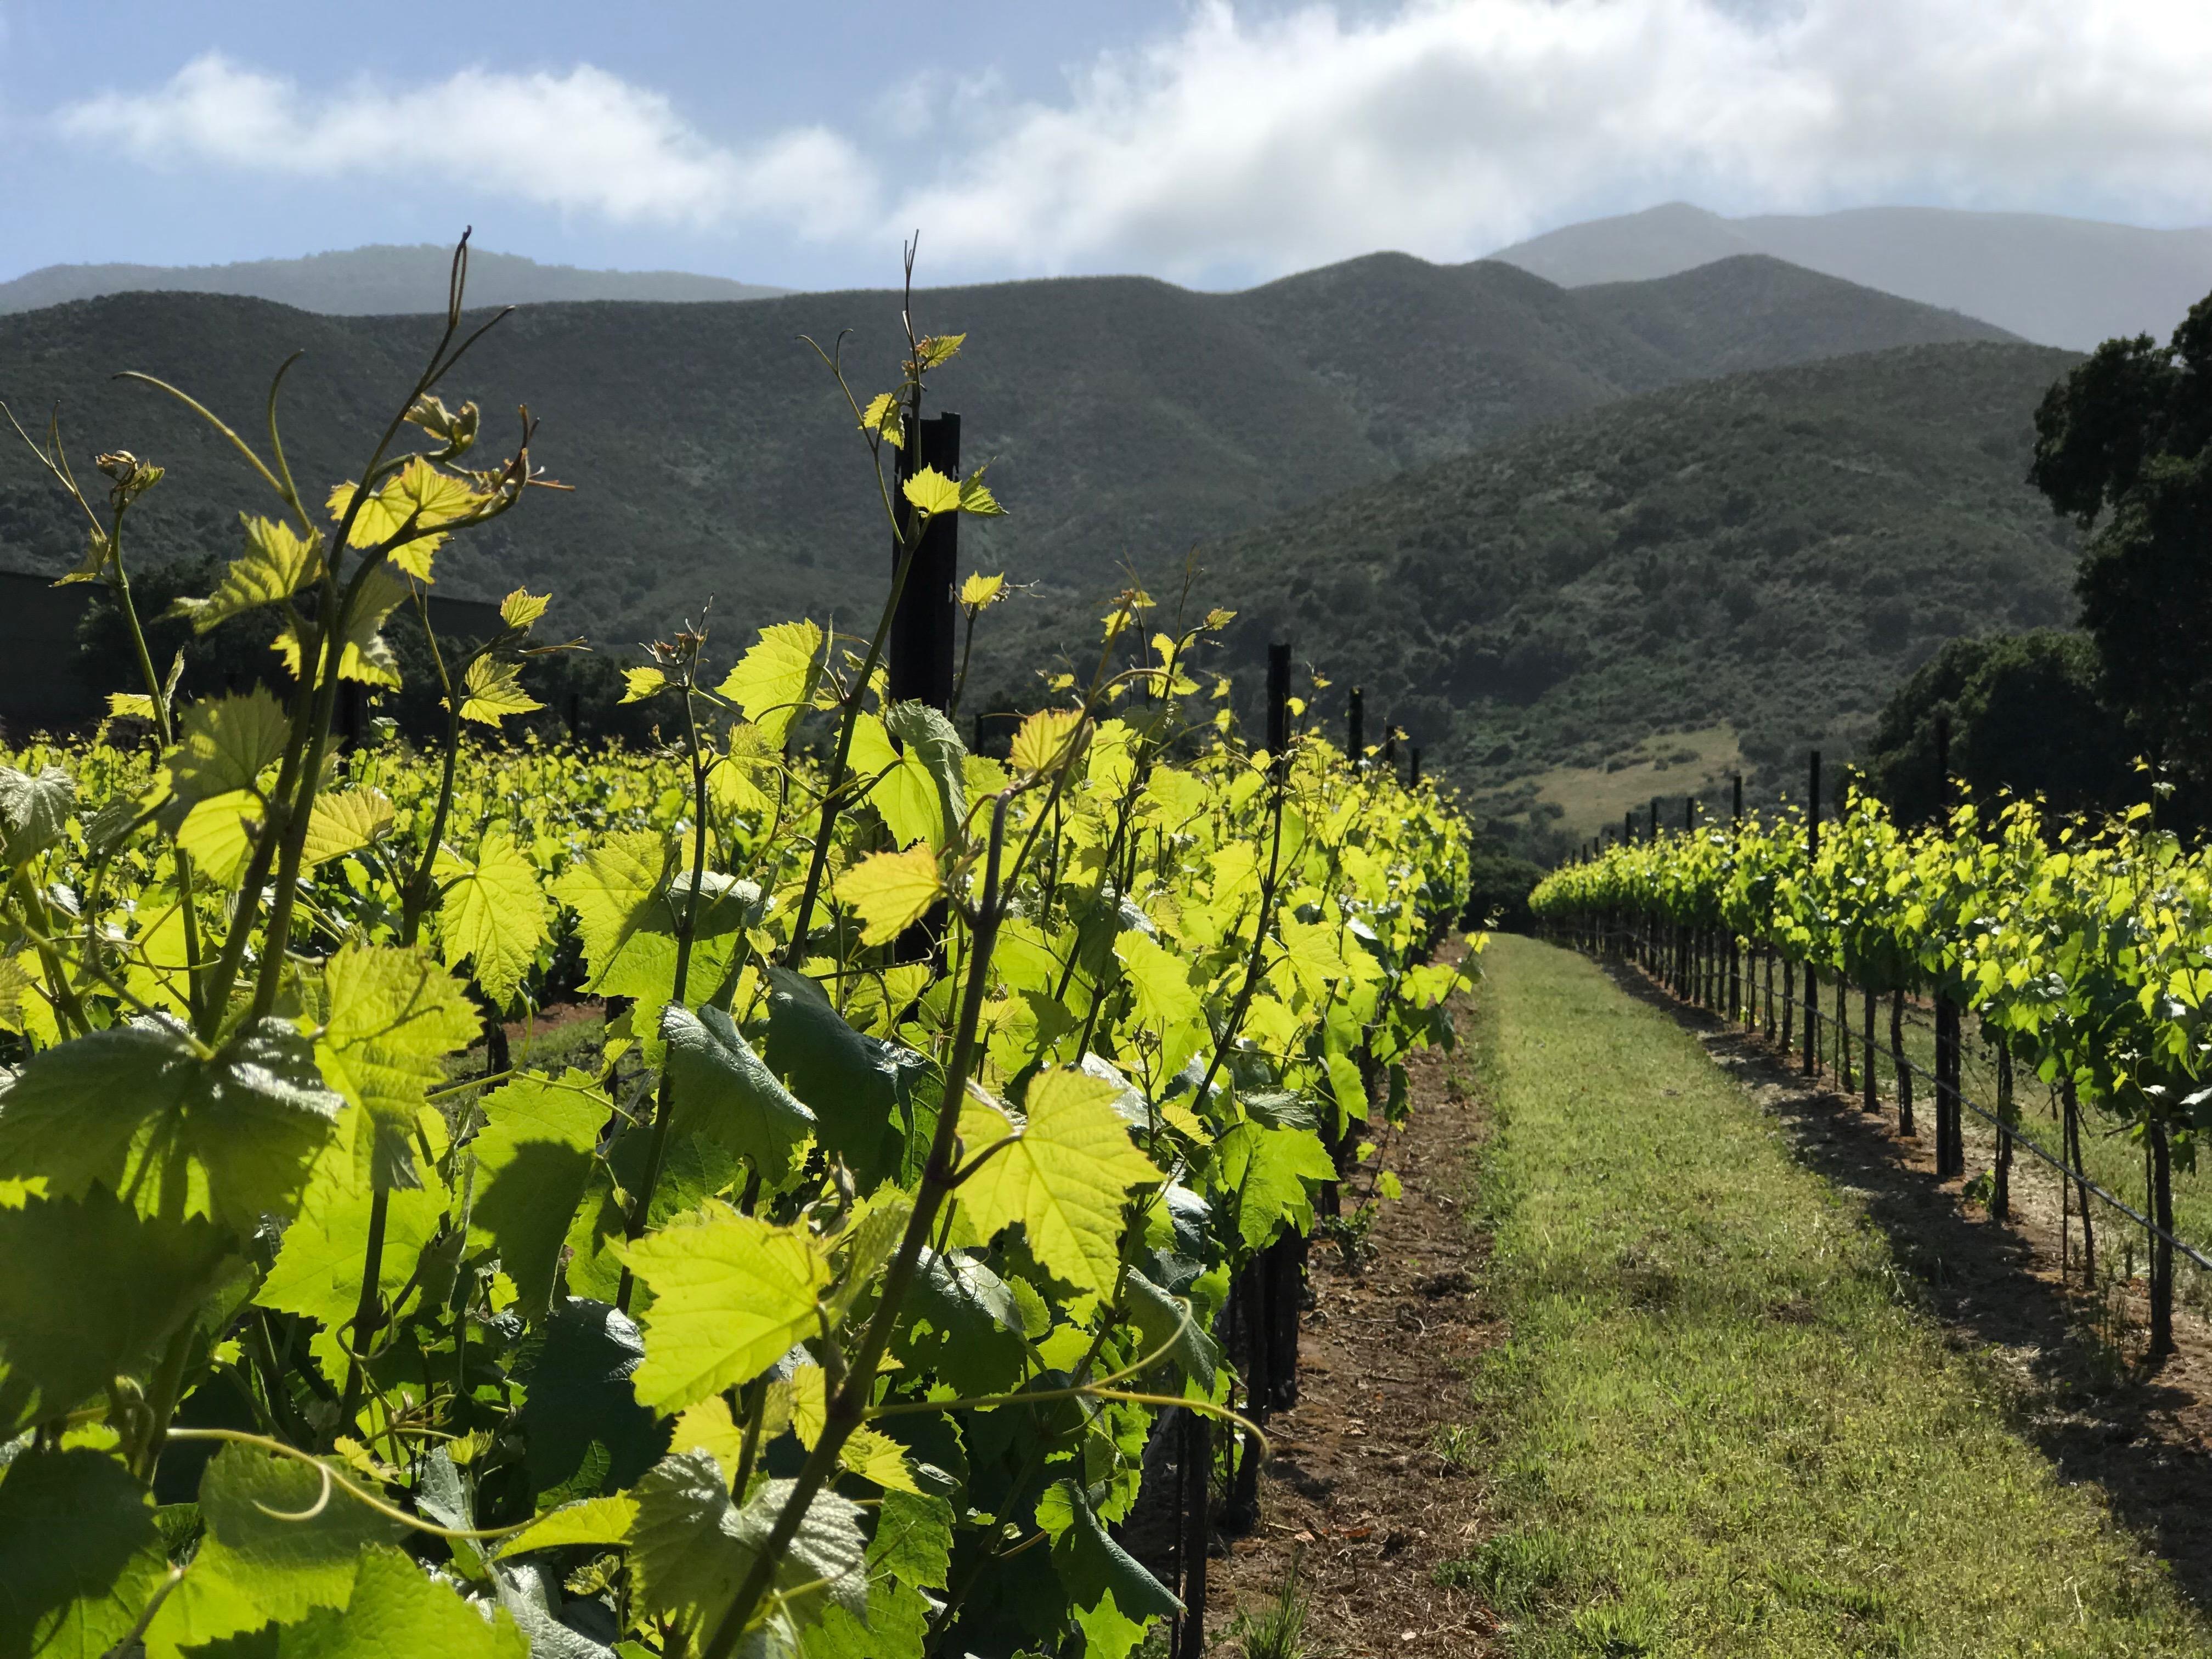 ◆残席僅か◆ 2019.06.22   南カリフォルニアワインを楽しむ会 第10回 【モントレーとテメキュラ】